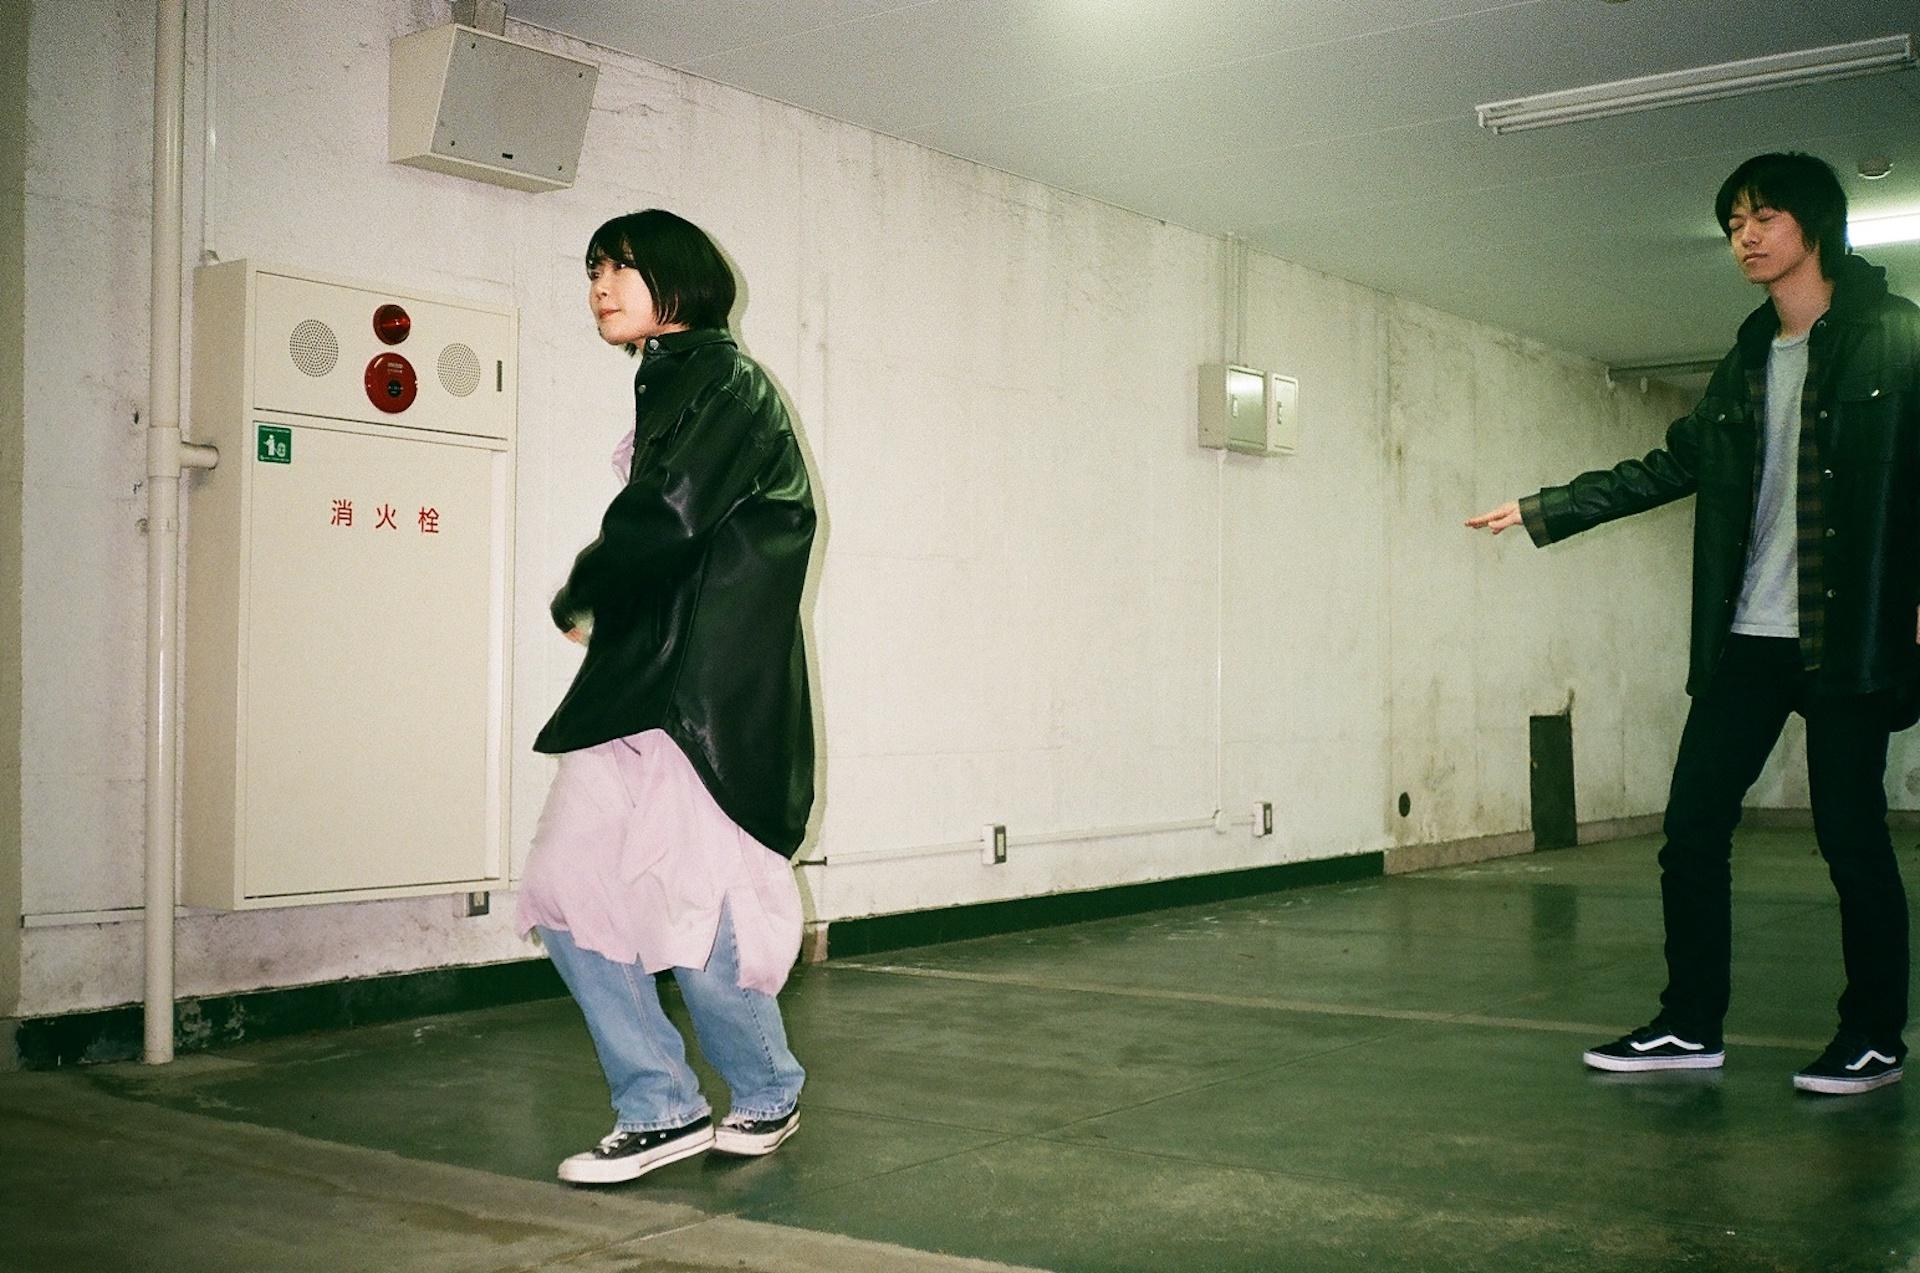 はなむけしゃしん - Ye&Nana「落花流水」 art200325_hanamukeshashin_14